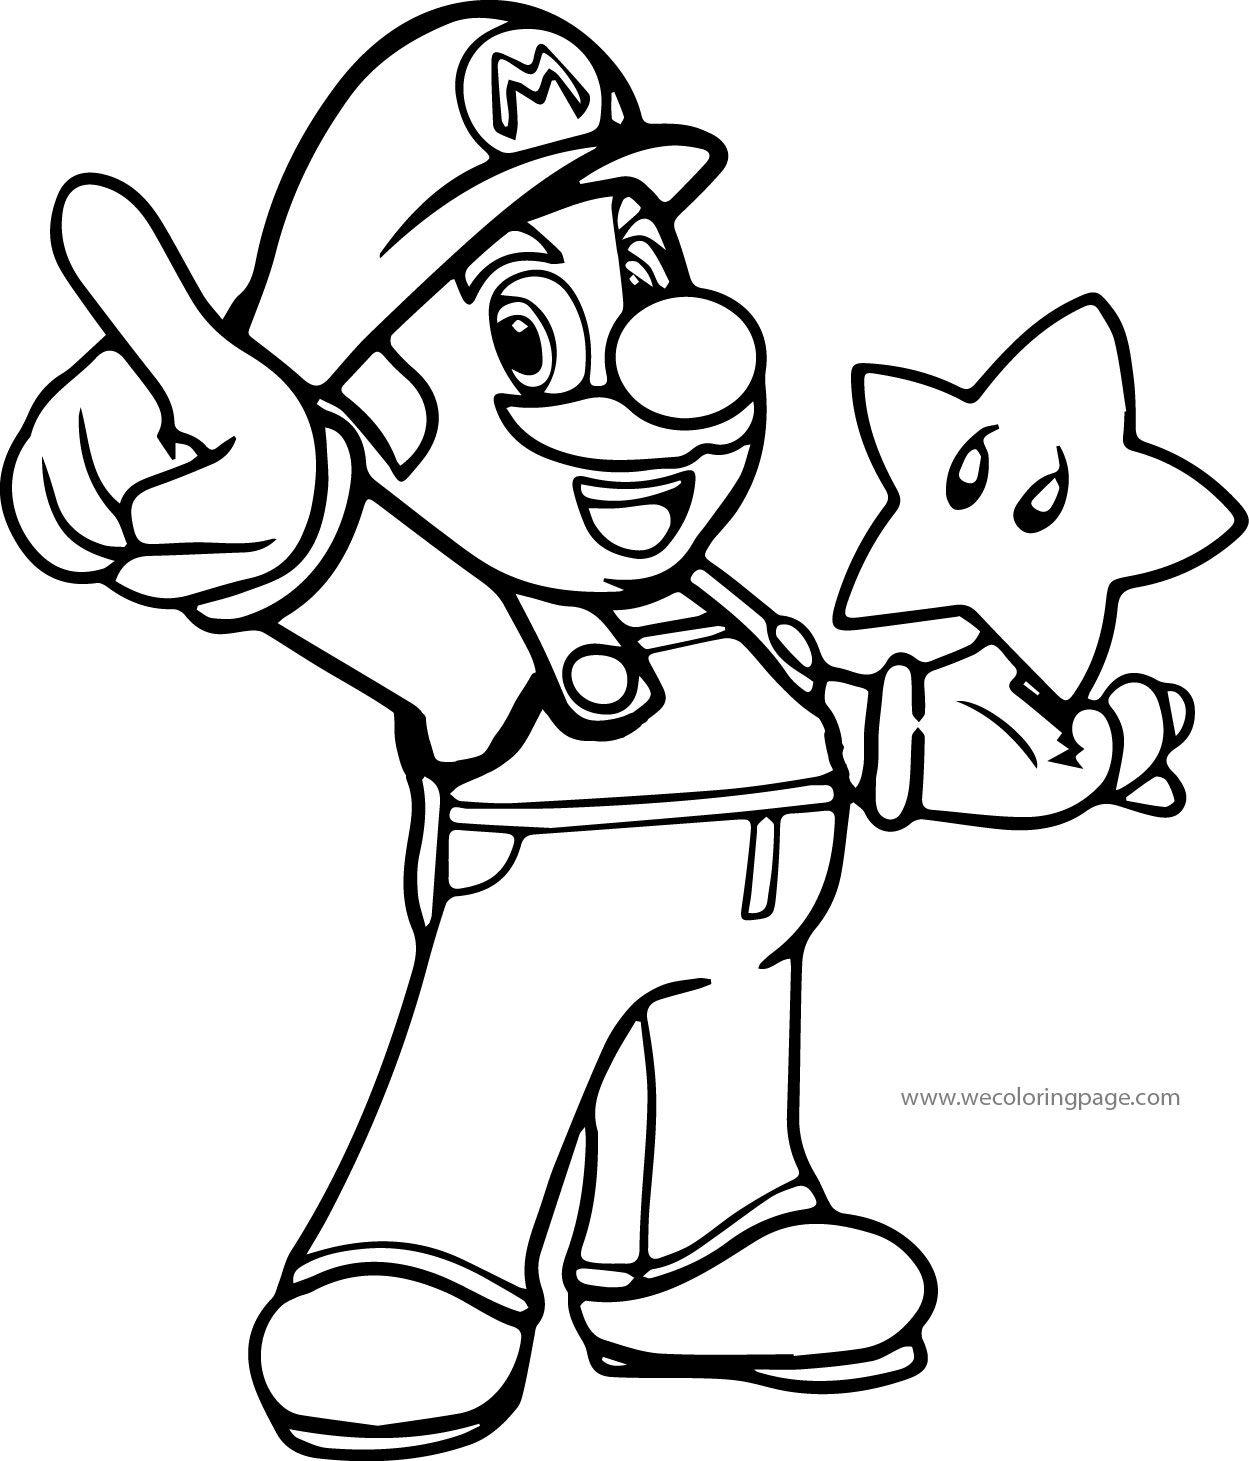 Super Mario Coloring Page   wecoloringpage   Mario ...